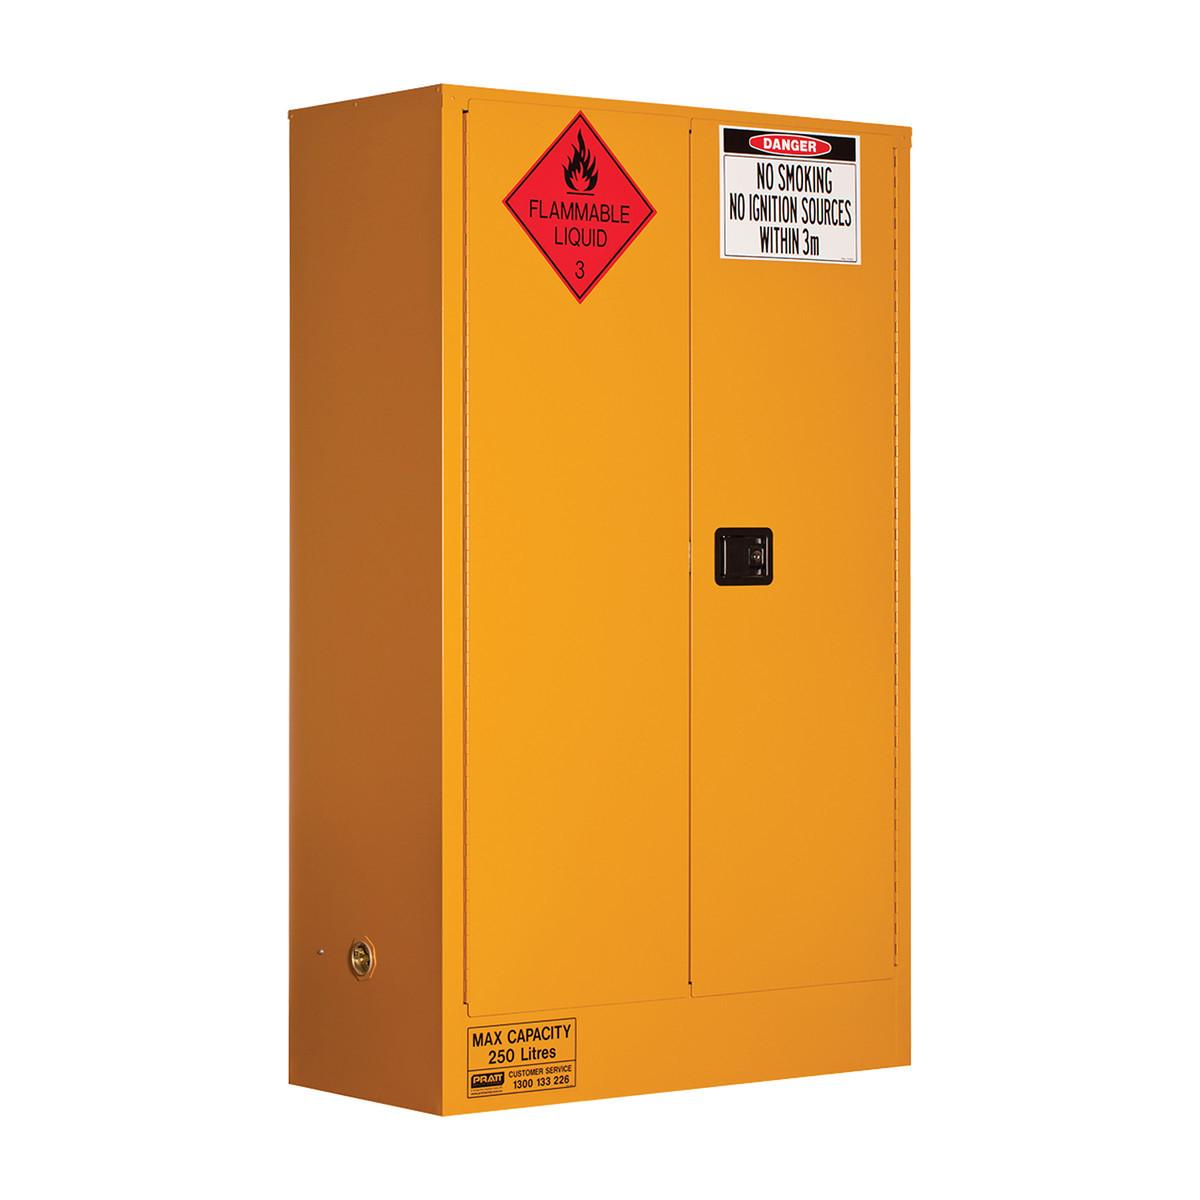 Flammable Storage Cabinet 250 Liters - 2 Door, 3 Shelf